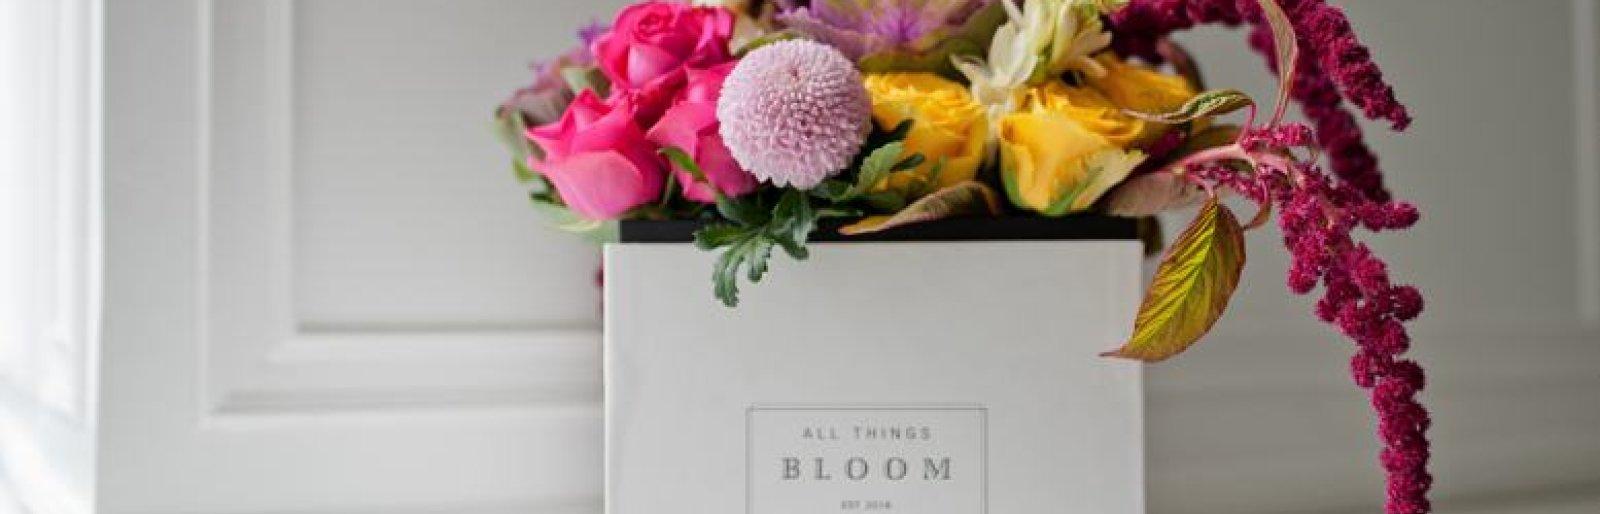 All Things Bloom